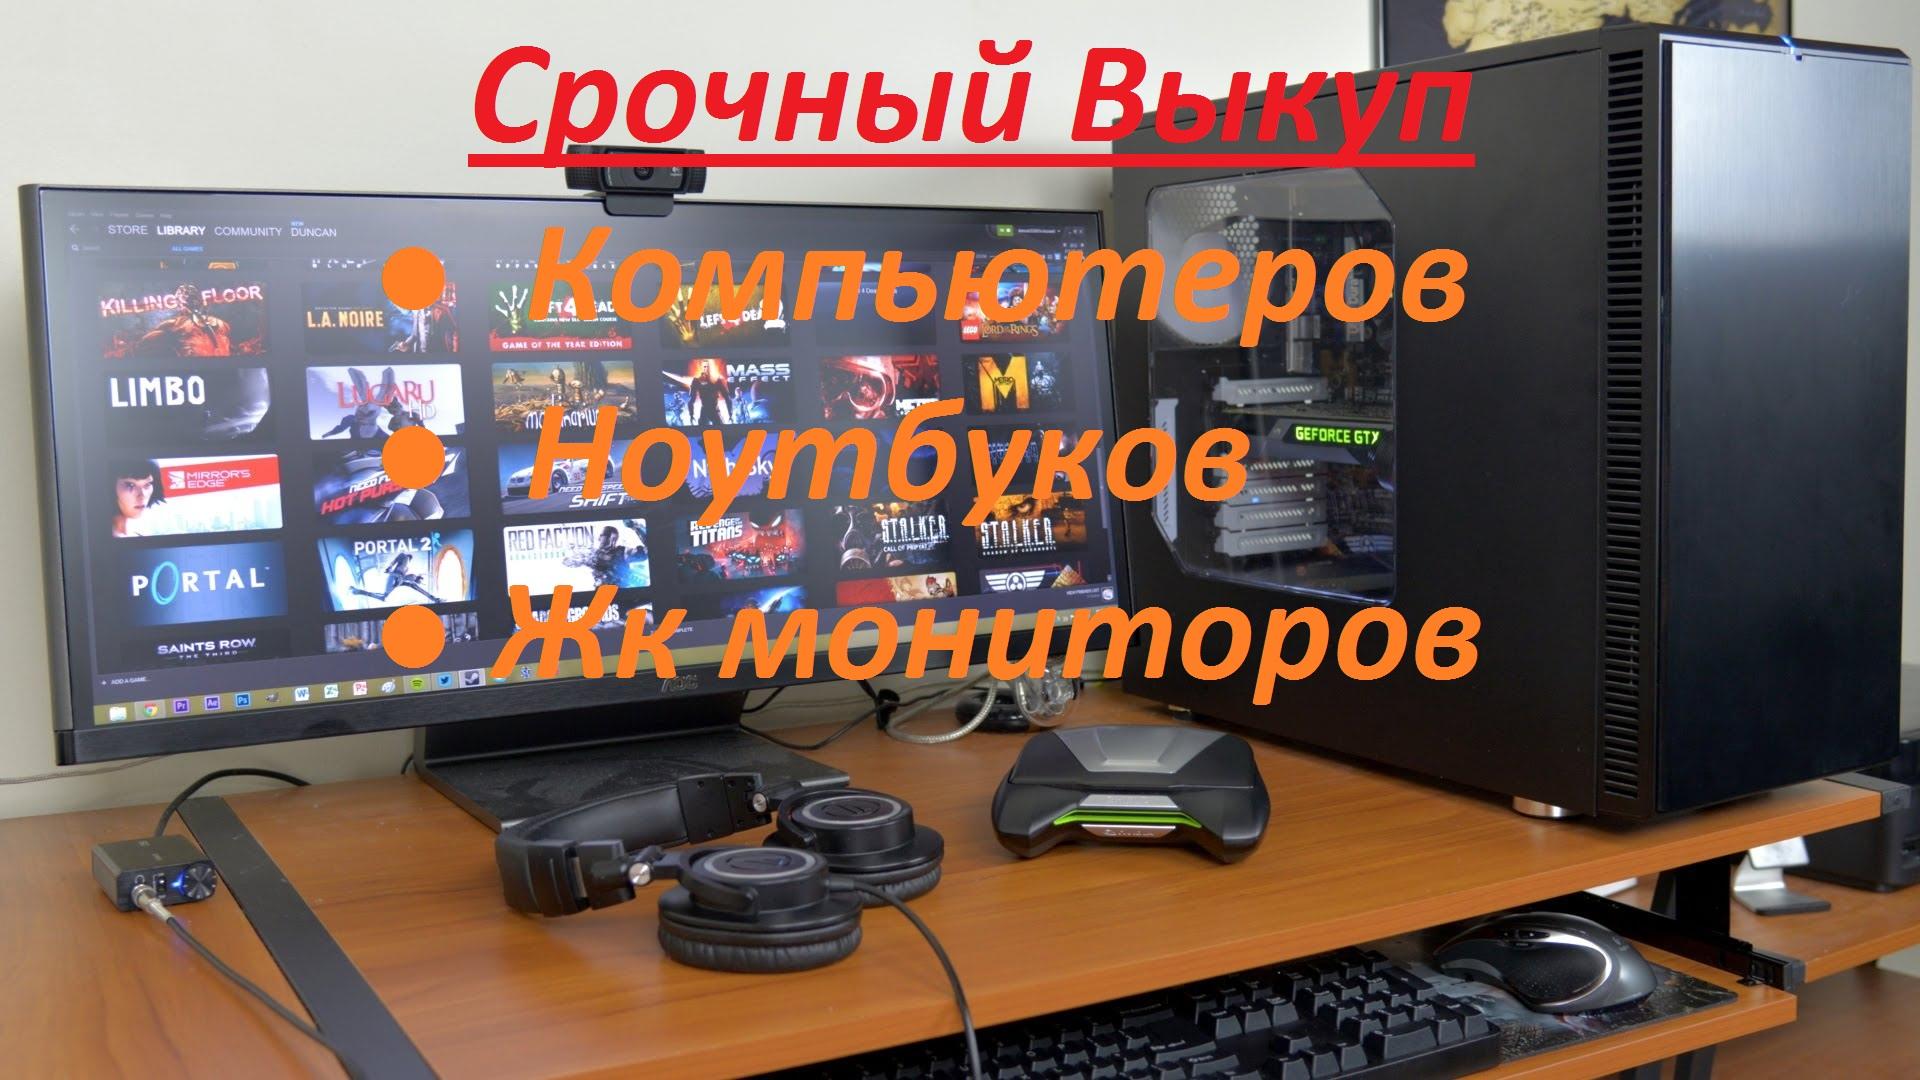 Скупка-Выкуп Видеокарт в Уфе.